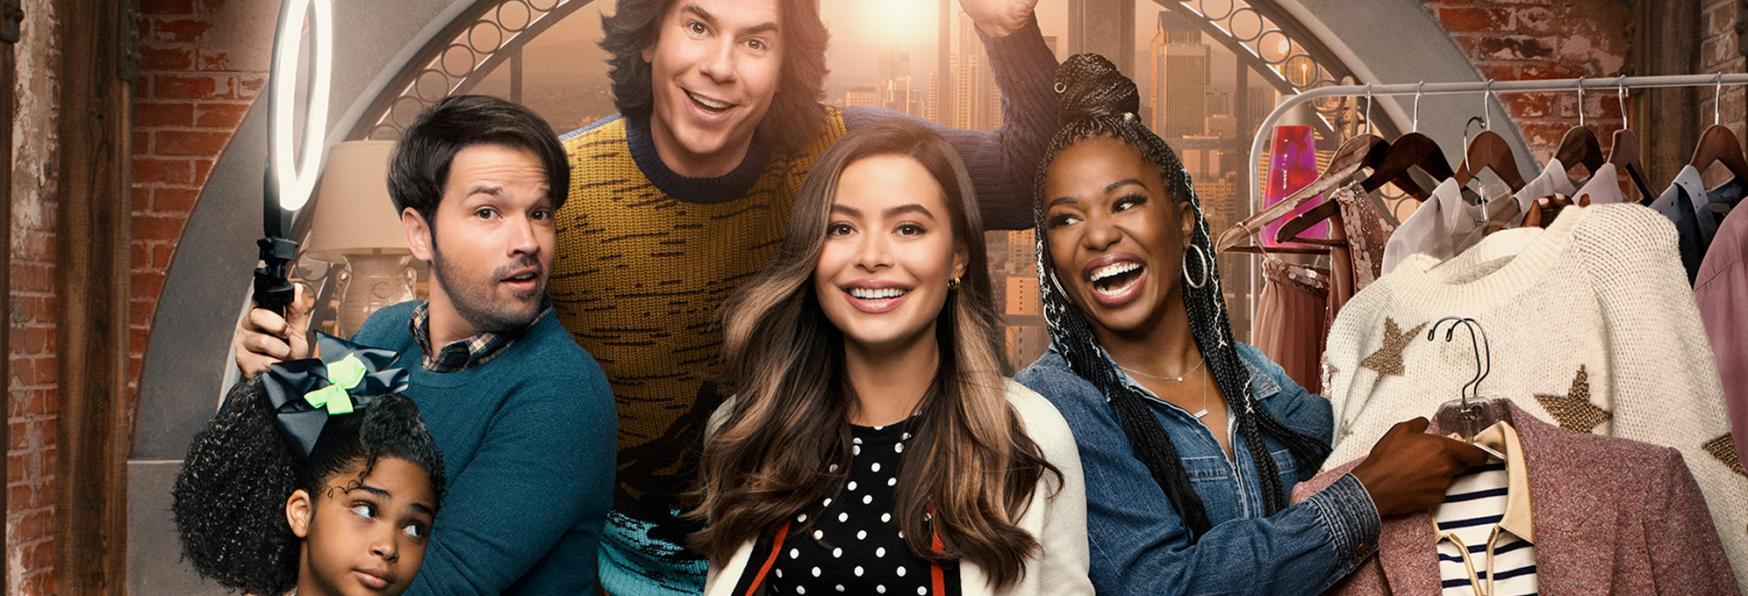 iCarly: Svelato il Primo Trailer del Revival targato Paramount+